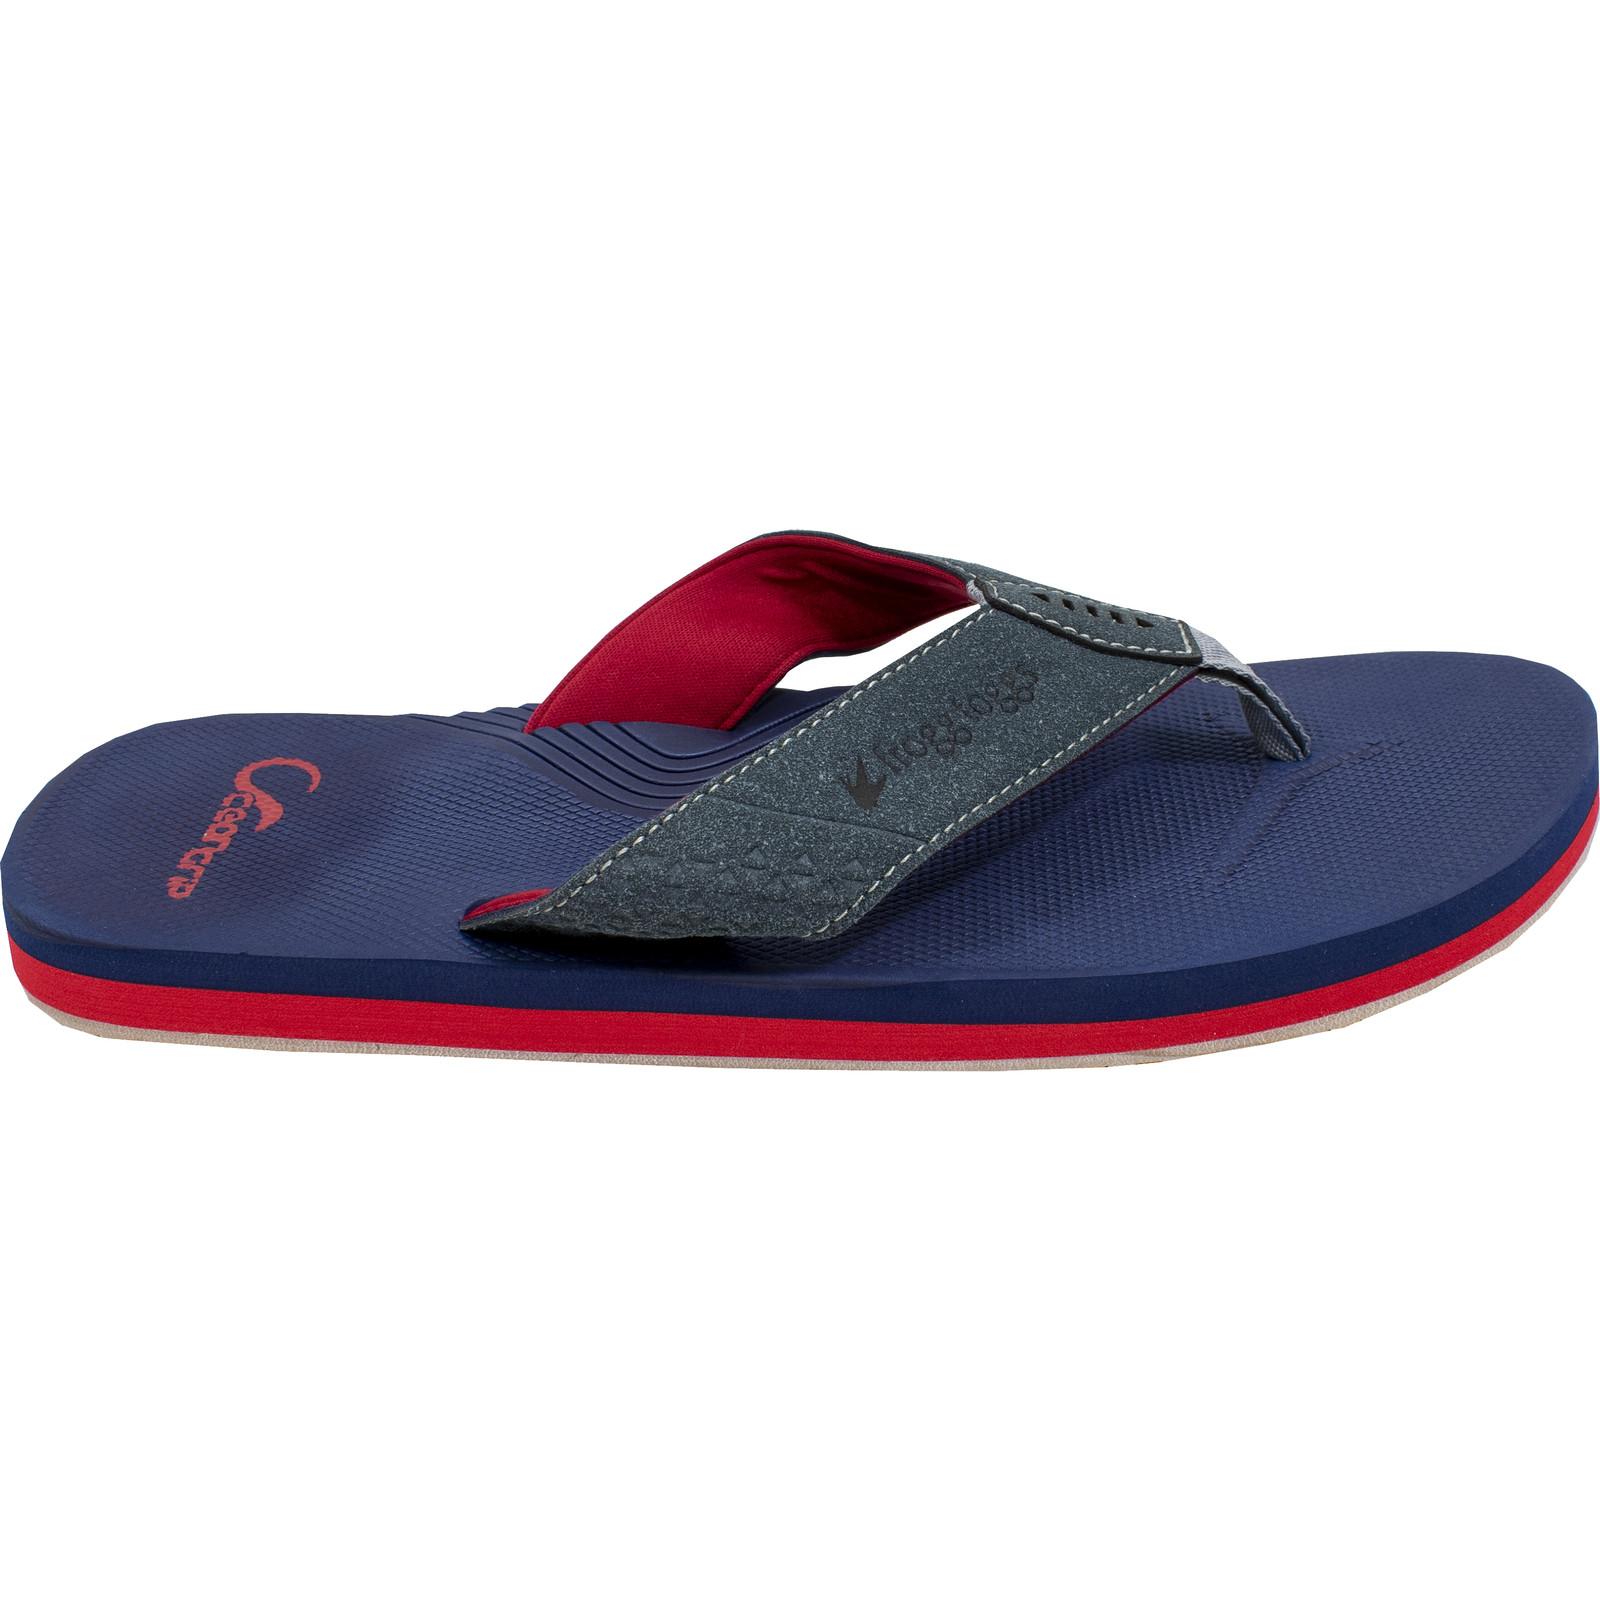 OceanGrip Kayak Sandal Navy-large